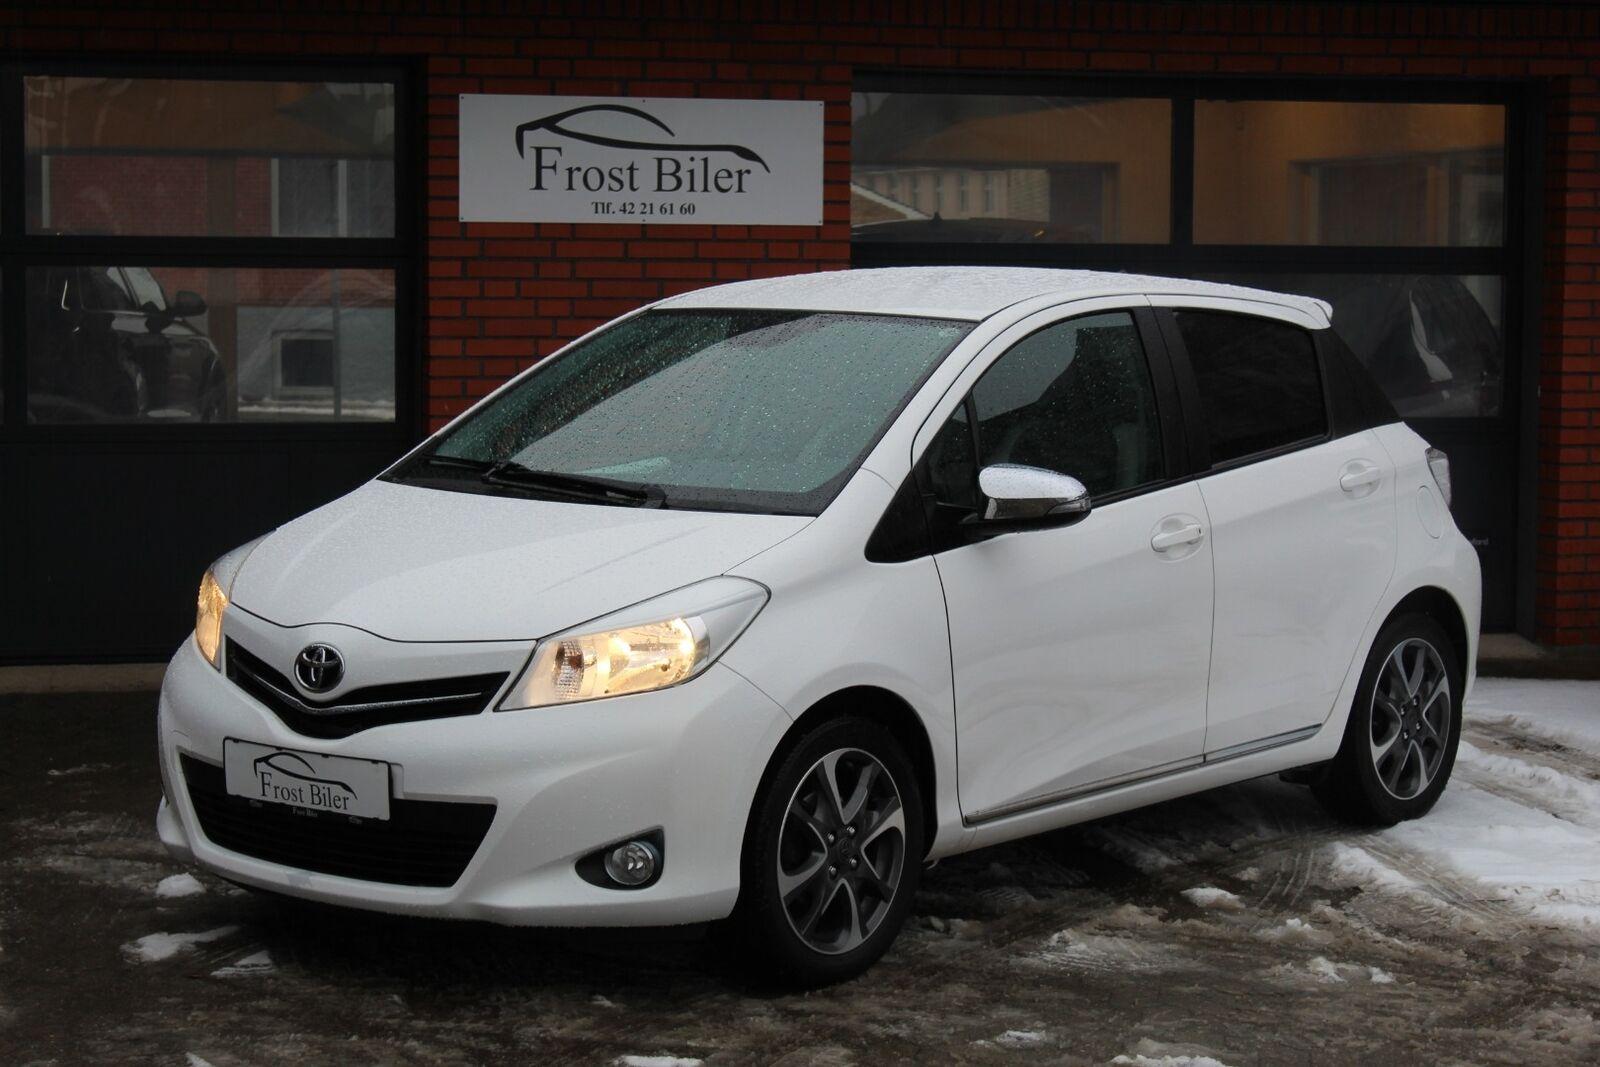 Toyota Yaris 1,3 VVT-i T2 Trend 5d - 79.900 kr.